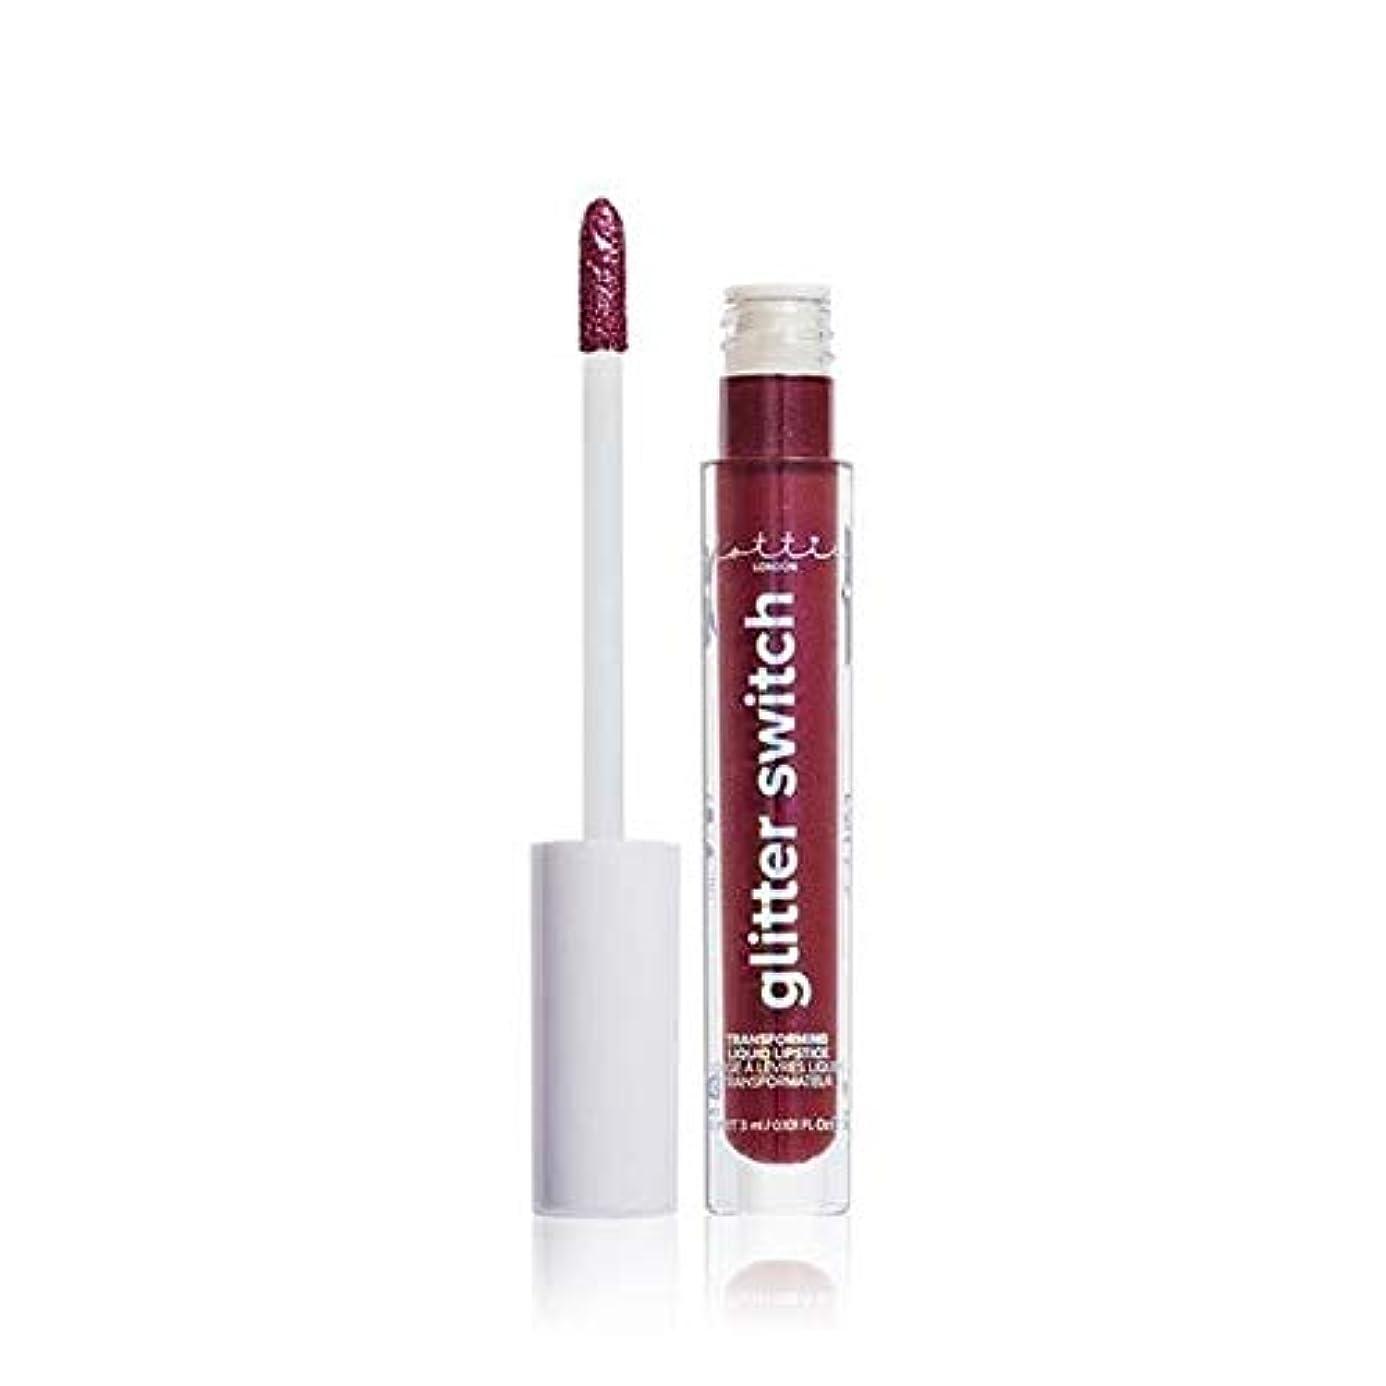 優しいマカダムエキス[Lottie London] Lottieロンドングリッタースイッチはそれをキリン口紅を変換します - Lottie London Glitter Switch Transform Lipstick Killin It...